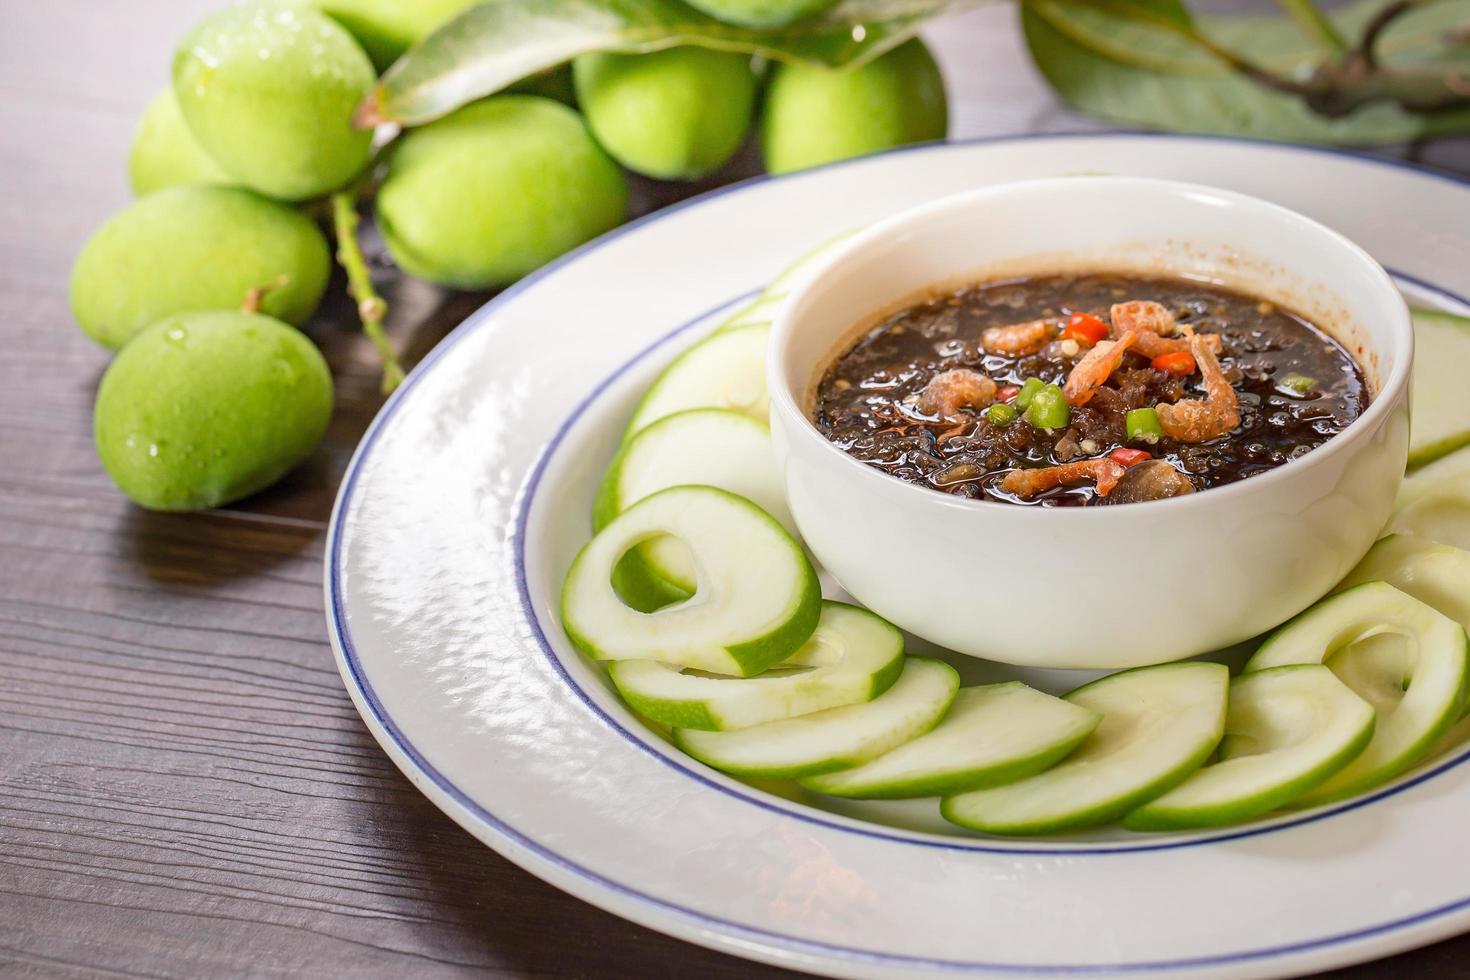 mangues crues sauce aigre et sucrée mélanger pâte de crevettes, collation thaïlandaise dans un plat blanc mise au point sélective photo